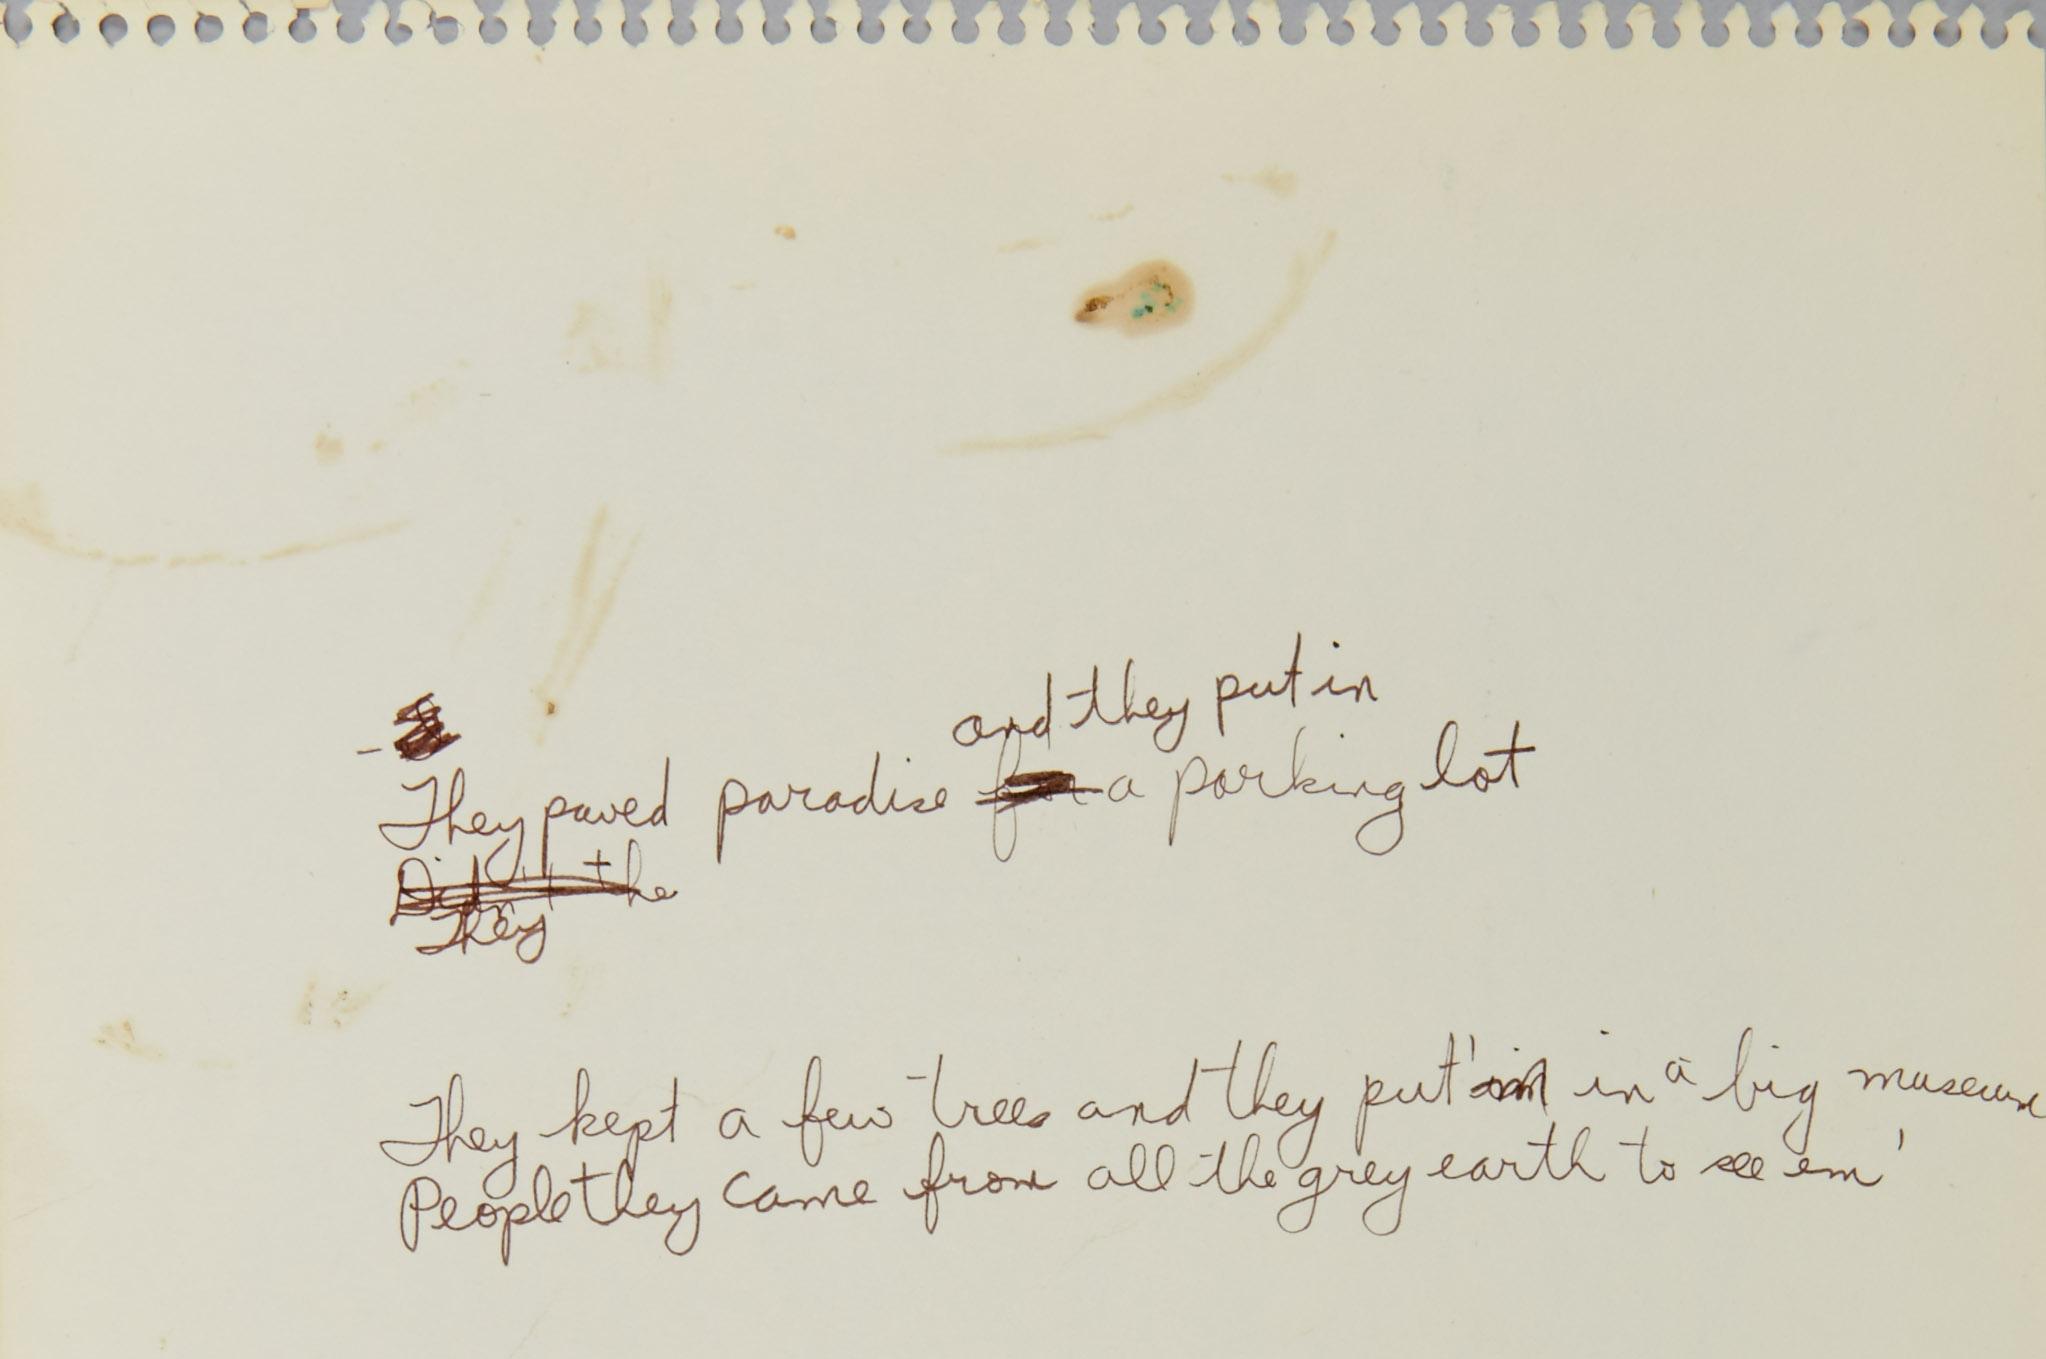 Morceau de papier jauni et légèrement taché déchiré d'un cahier à reliure à anneaux. On y voit des paroles écrites à l'encre brune. Sur la première ligne, il est écrit: «They paved paradise and they put in a parking lot». On peut voir que JoniMitchell avait d'abord écrit «They paved paradise for a parking lot», mais qu'elle a remplacé «for» par la version ci-dessus. Sur la ligne suivante, il est écrit: «They», et la ligne est incomplète. On peut voir qu'elle avait d'abord écrit «Didn't the», mais qu'elle a biffé ces paroles. Sur la dernière ligne, on lit «They kept a few trees and they put'm in a big museum / People they came from all the grey earth to see em» alors que «put'm» a remplacé «put'im». Les dernières paroles «they paved paradise and they put up a parking lot» et «they took all the trees and put 'em in a tree museum/and they charged all the people a dollar and a half just to see 'em» ont été ajoutées.